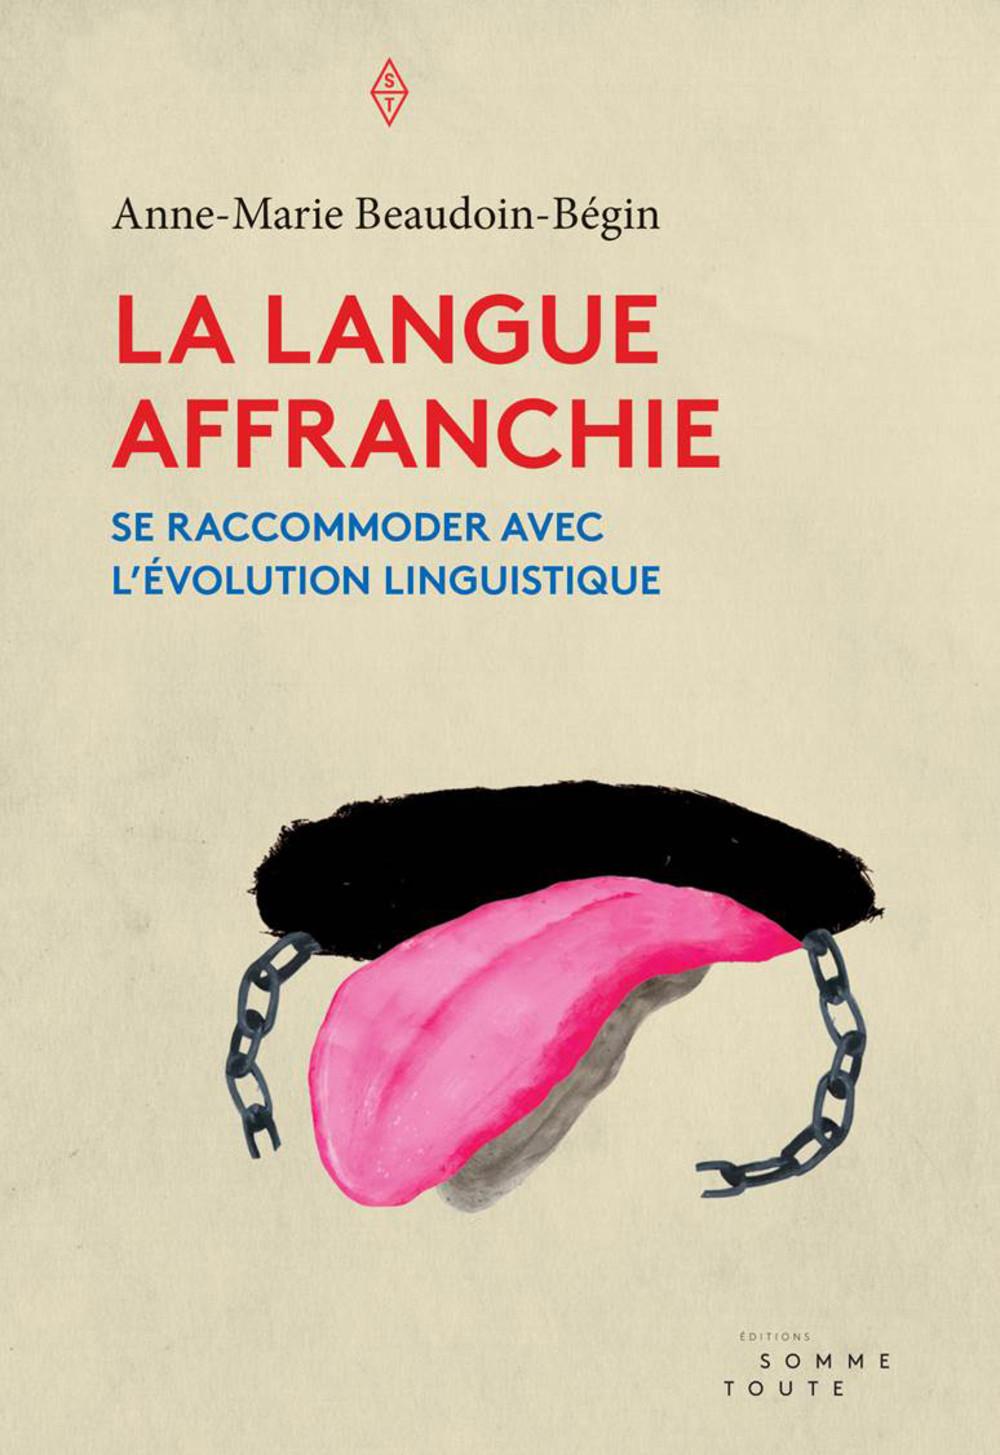 La langue affranchie, page couverture